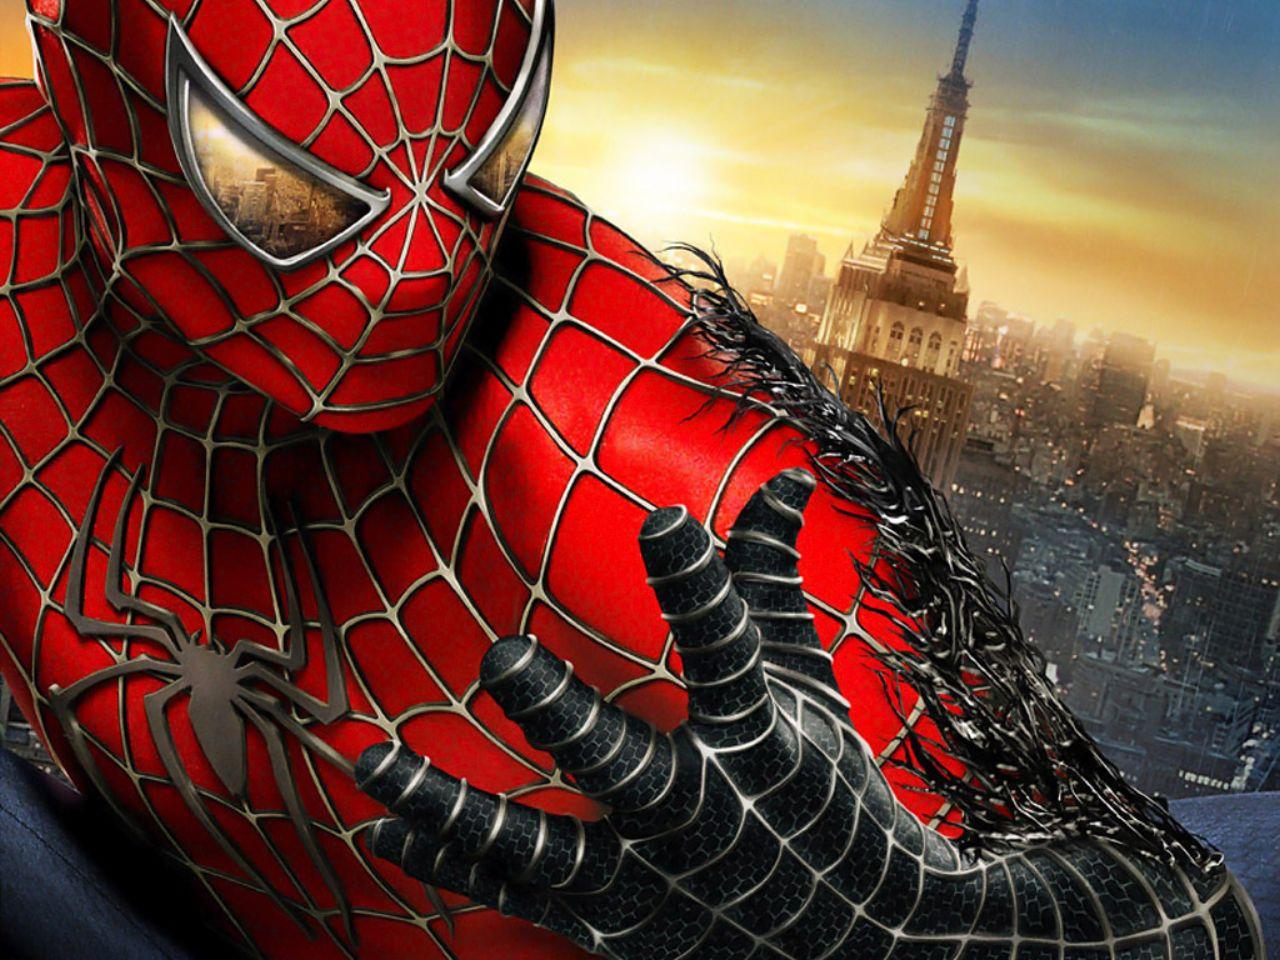 Фильм Человек паук 1  смотреть онлайн бесплатно